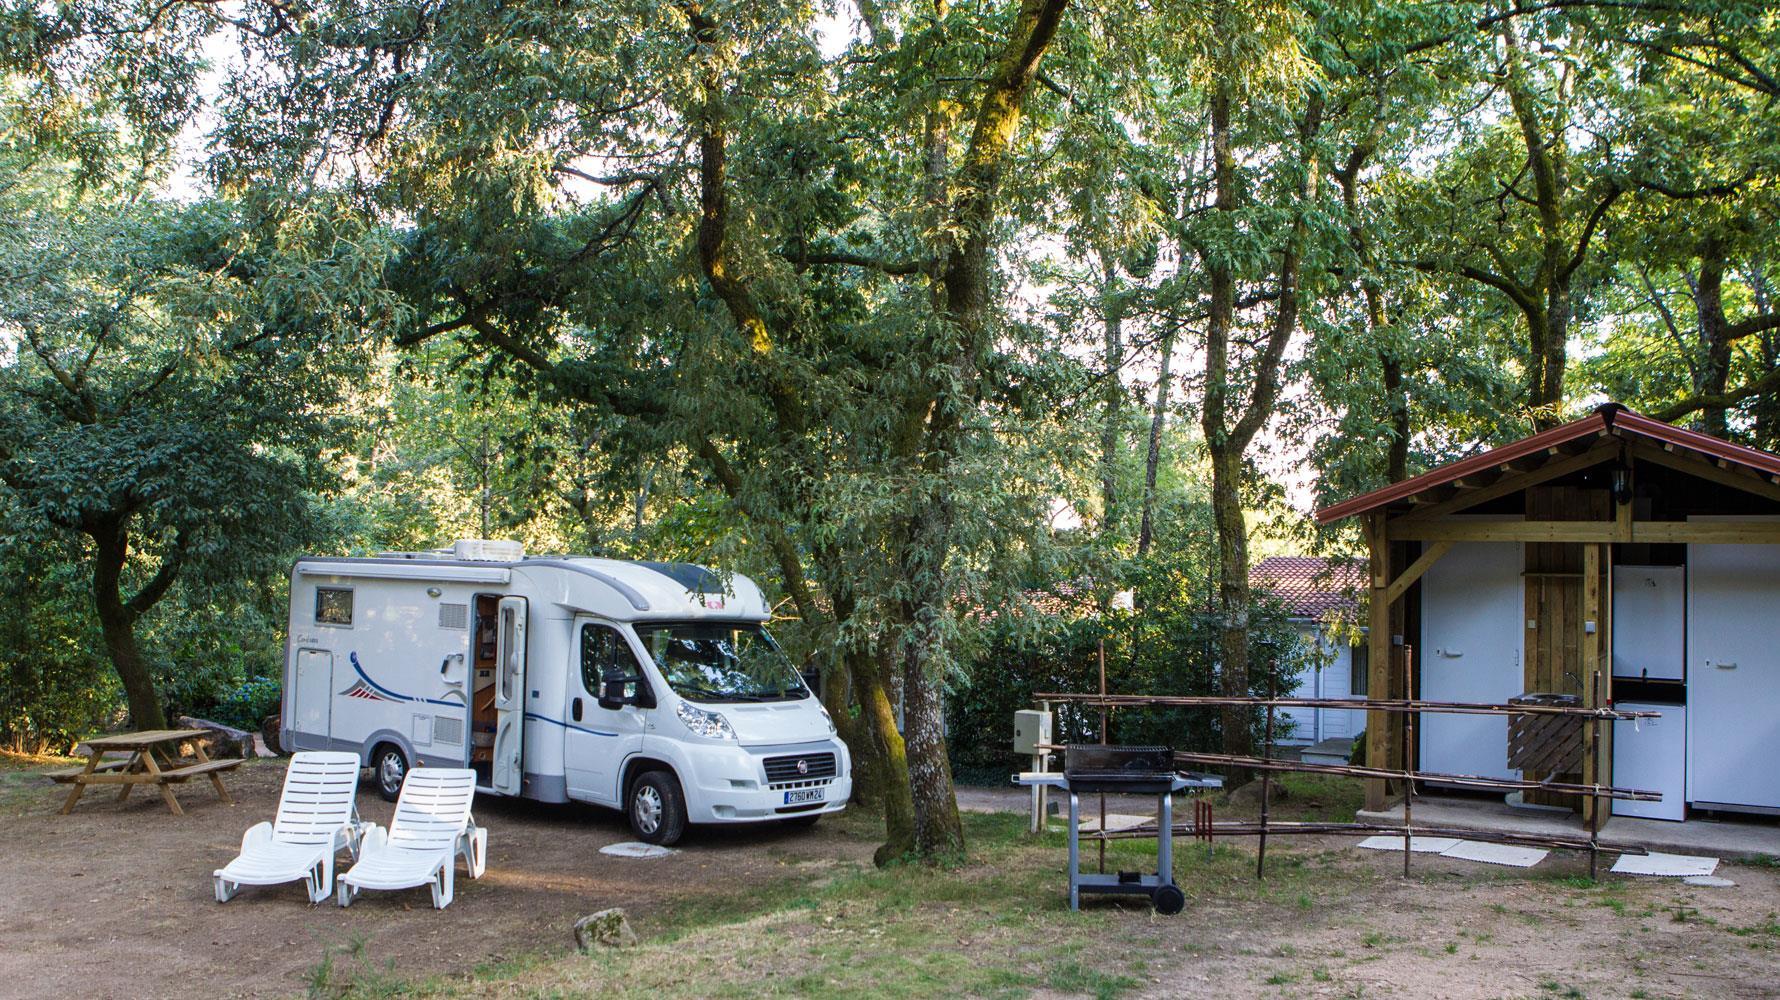 Camping Chateau le Verdoyer, Champs-Romain, Dordogne